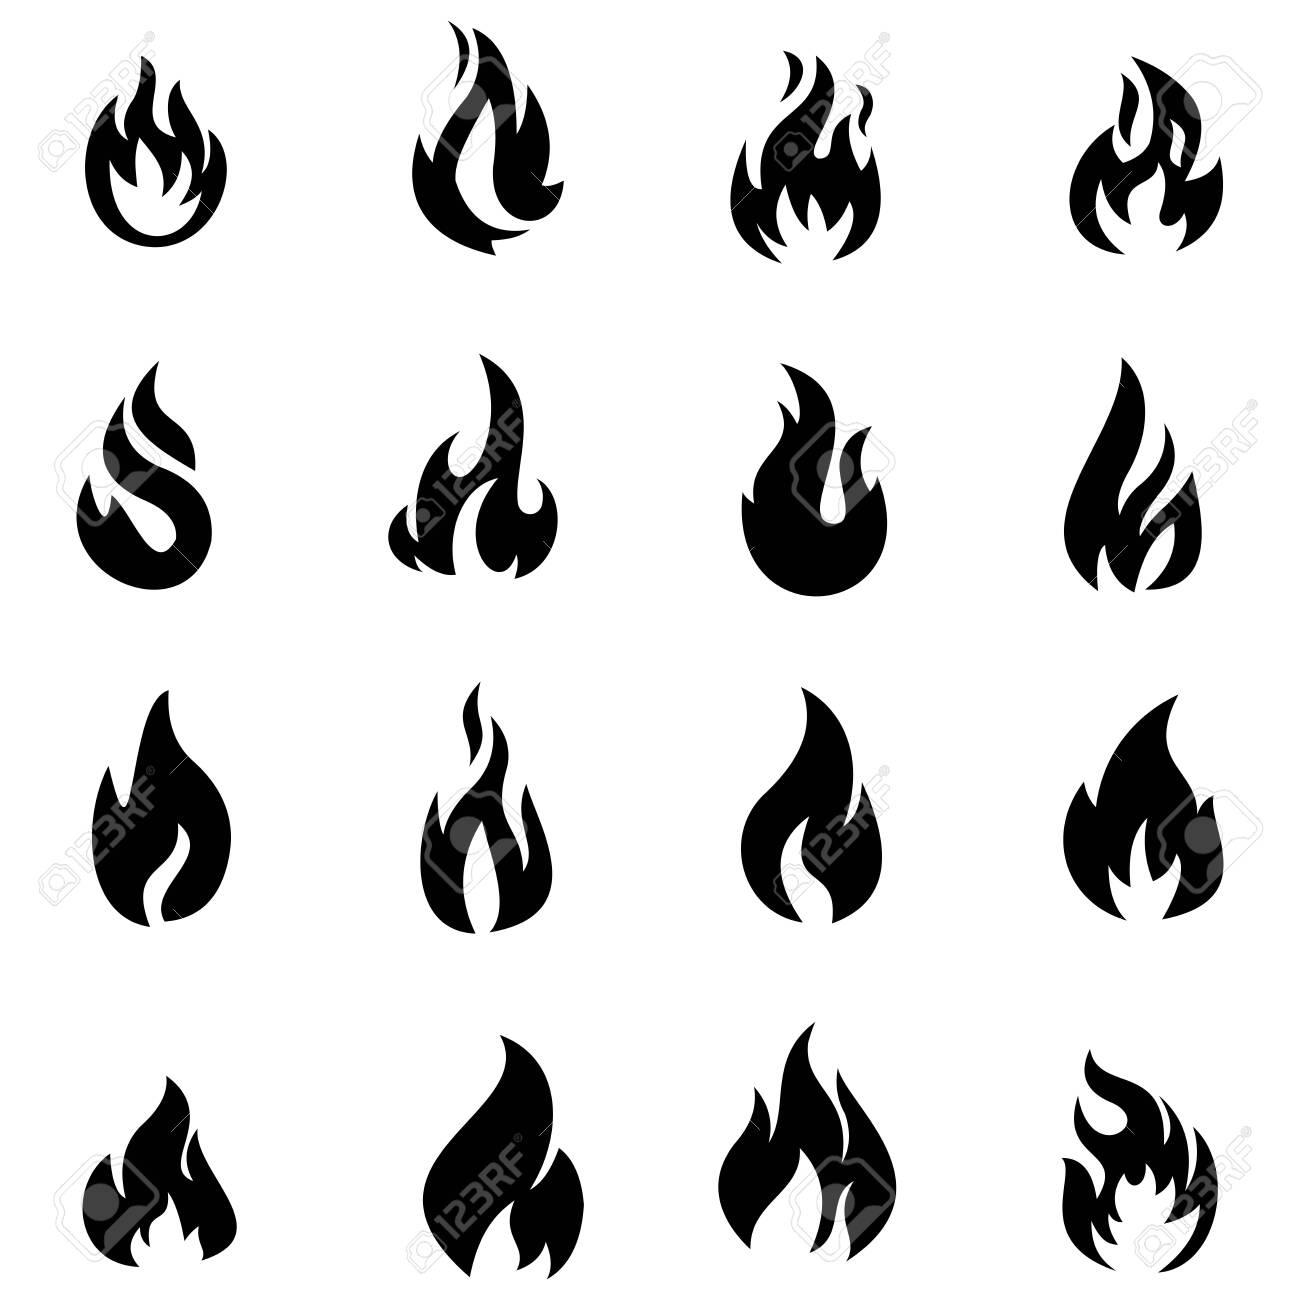 fire flame icon vector design symbol - 143639126